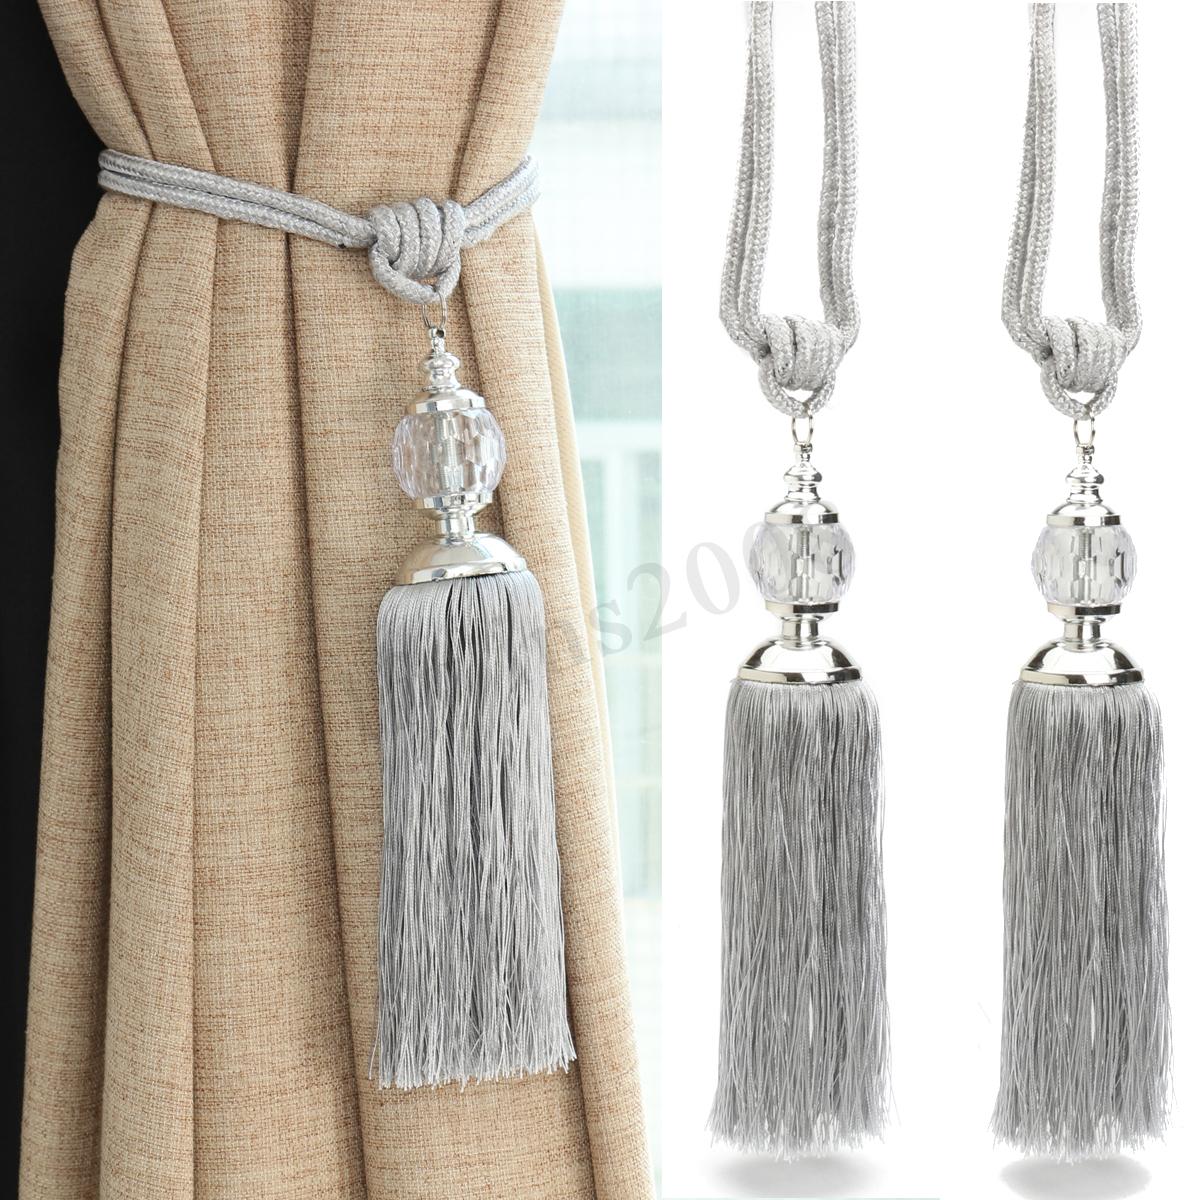 crystal curtain tie backs photo - 1